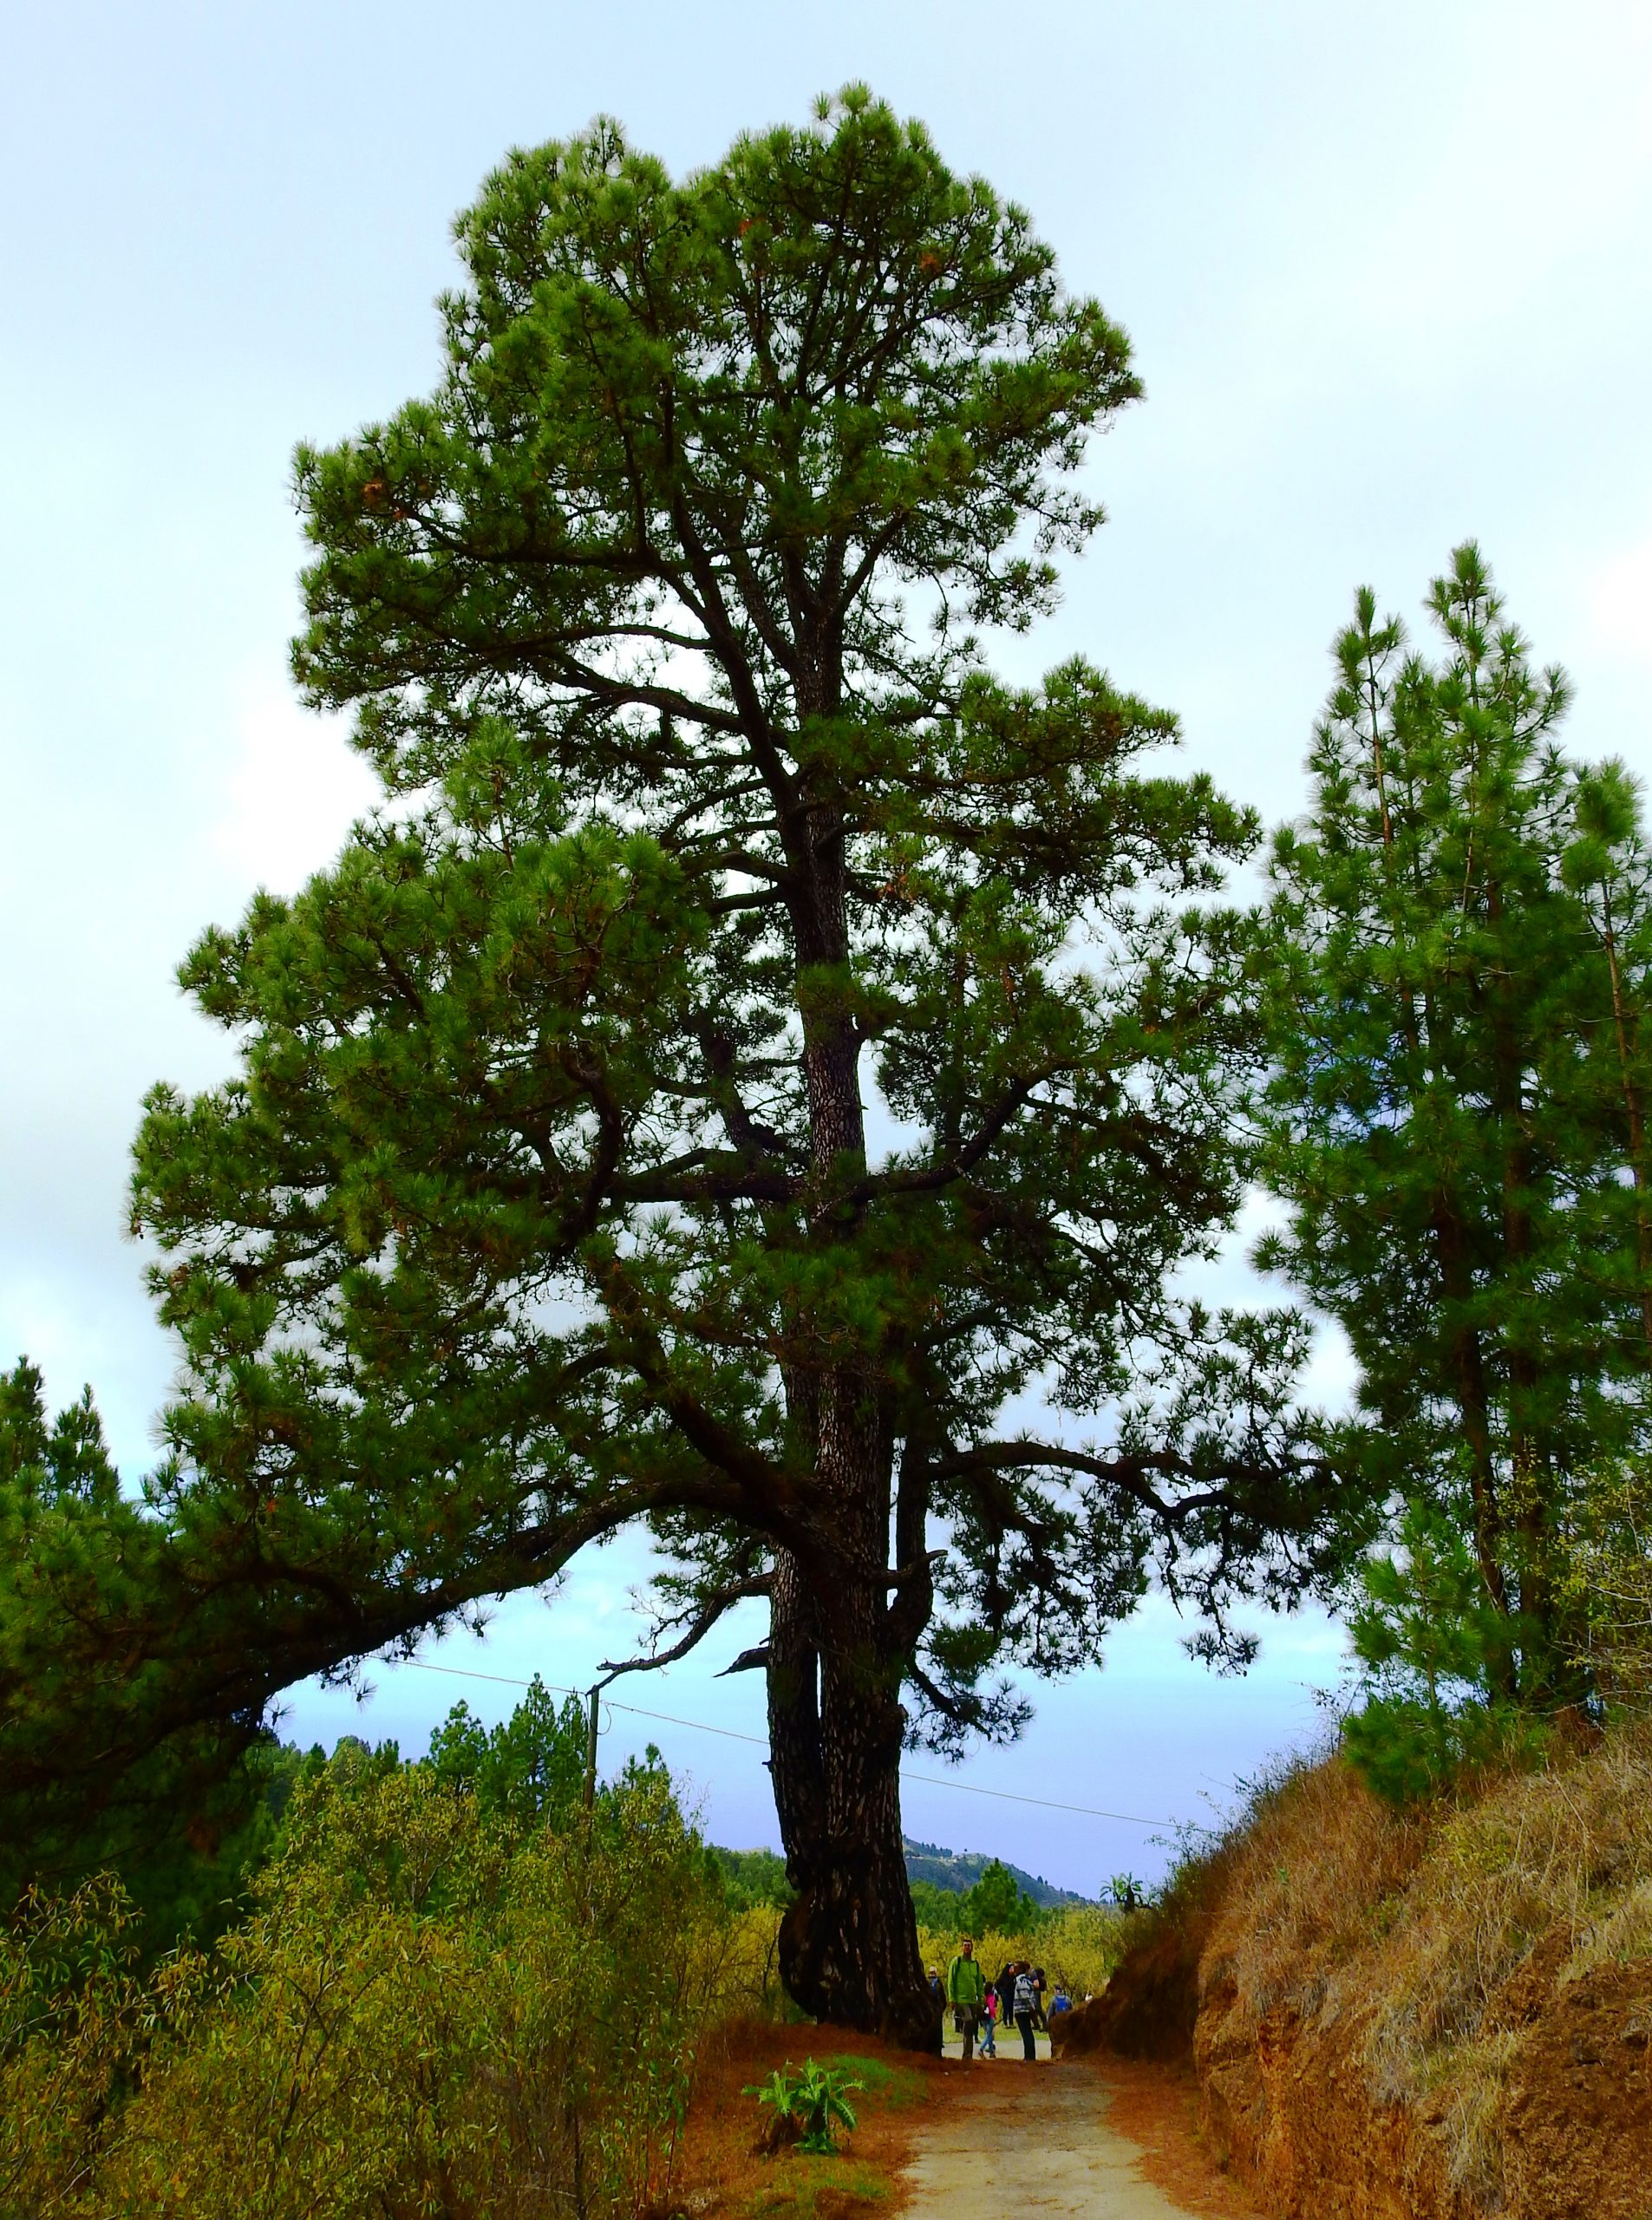 Foto nº3. Ejemplar de Pinus canariensis, situado en la orilla del camino, conocido como el Pino de La Espera. © Jaime Hernández Jiménez.